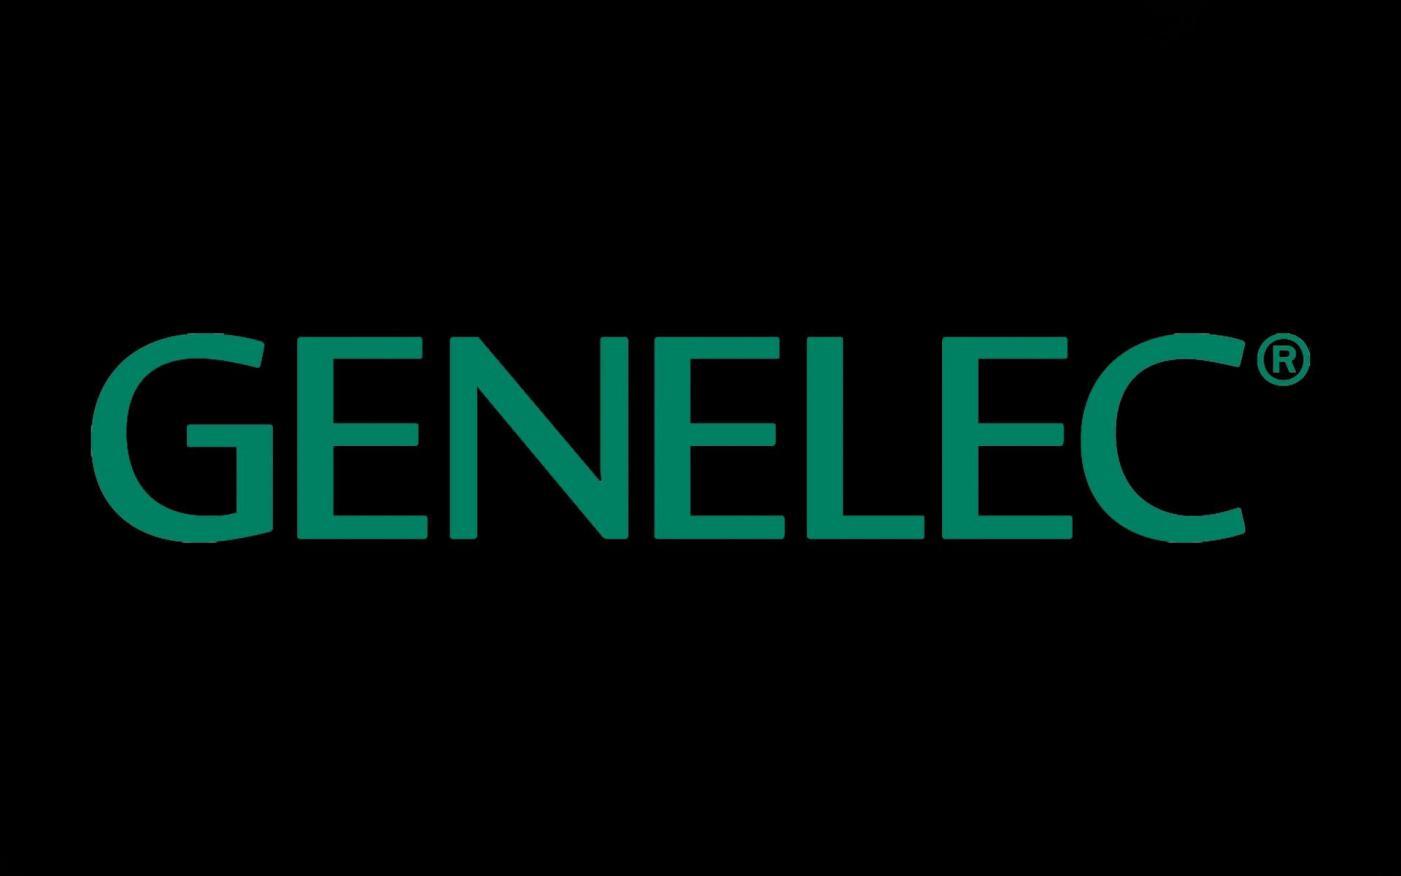 GENELEC_black.thumb.jpg.823181dfeddbb3826bfe5f55538d8555.jpg